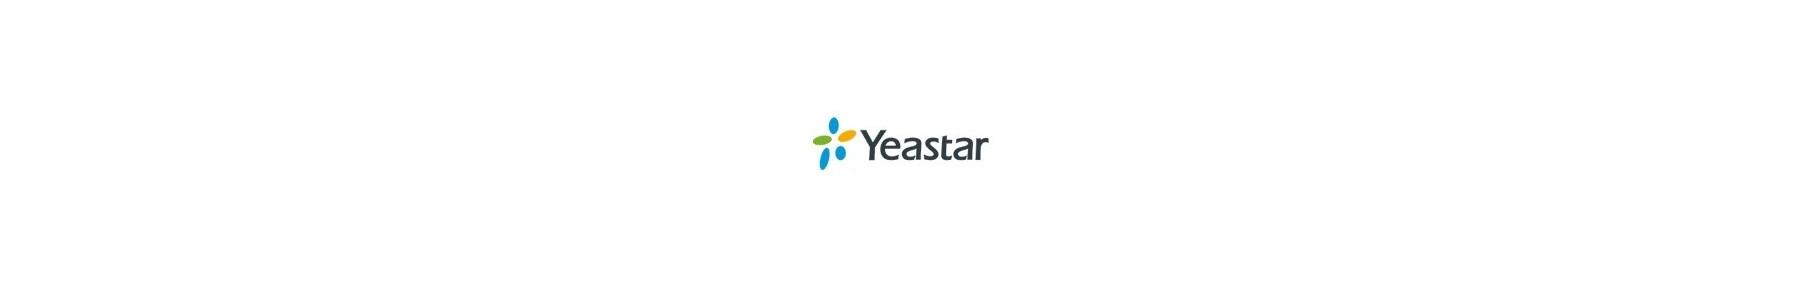 YEASTAR Licenze